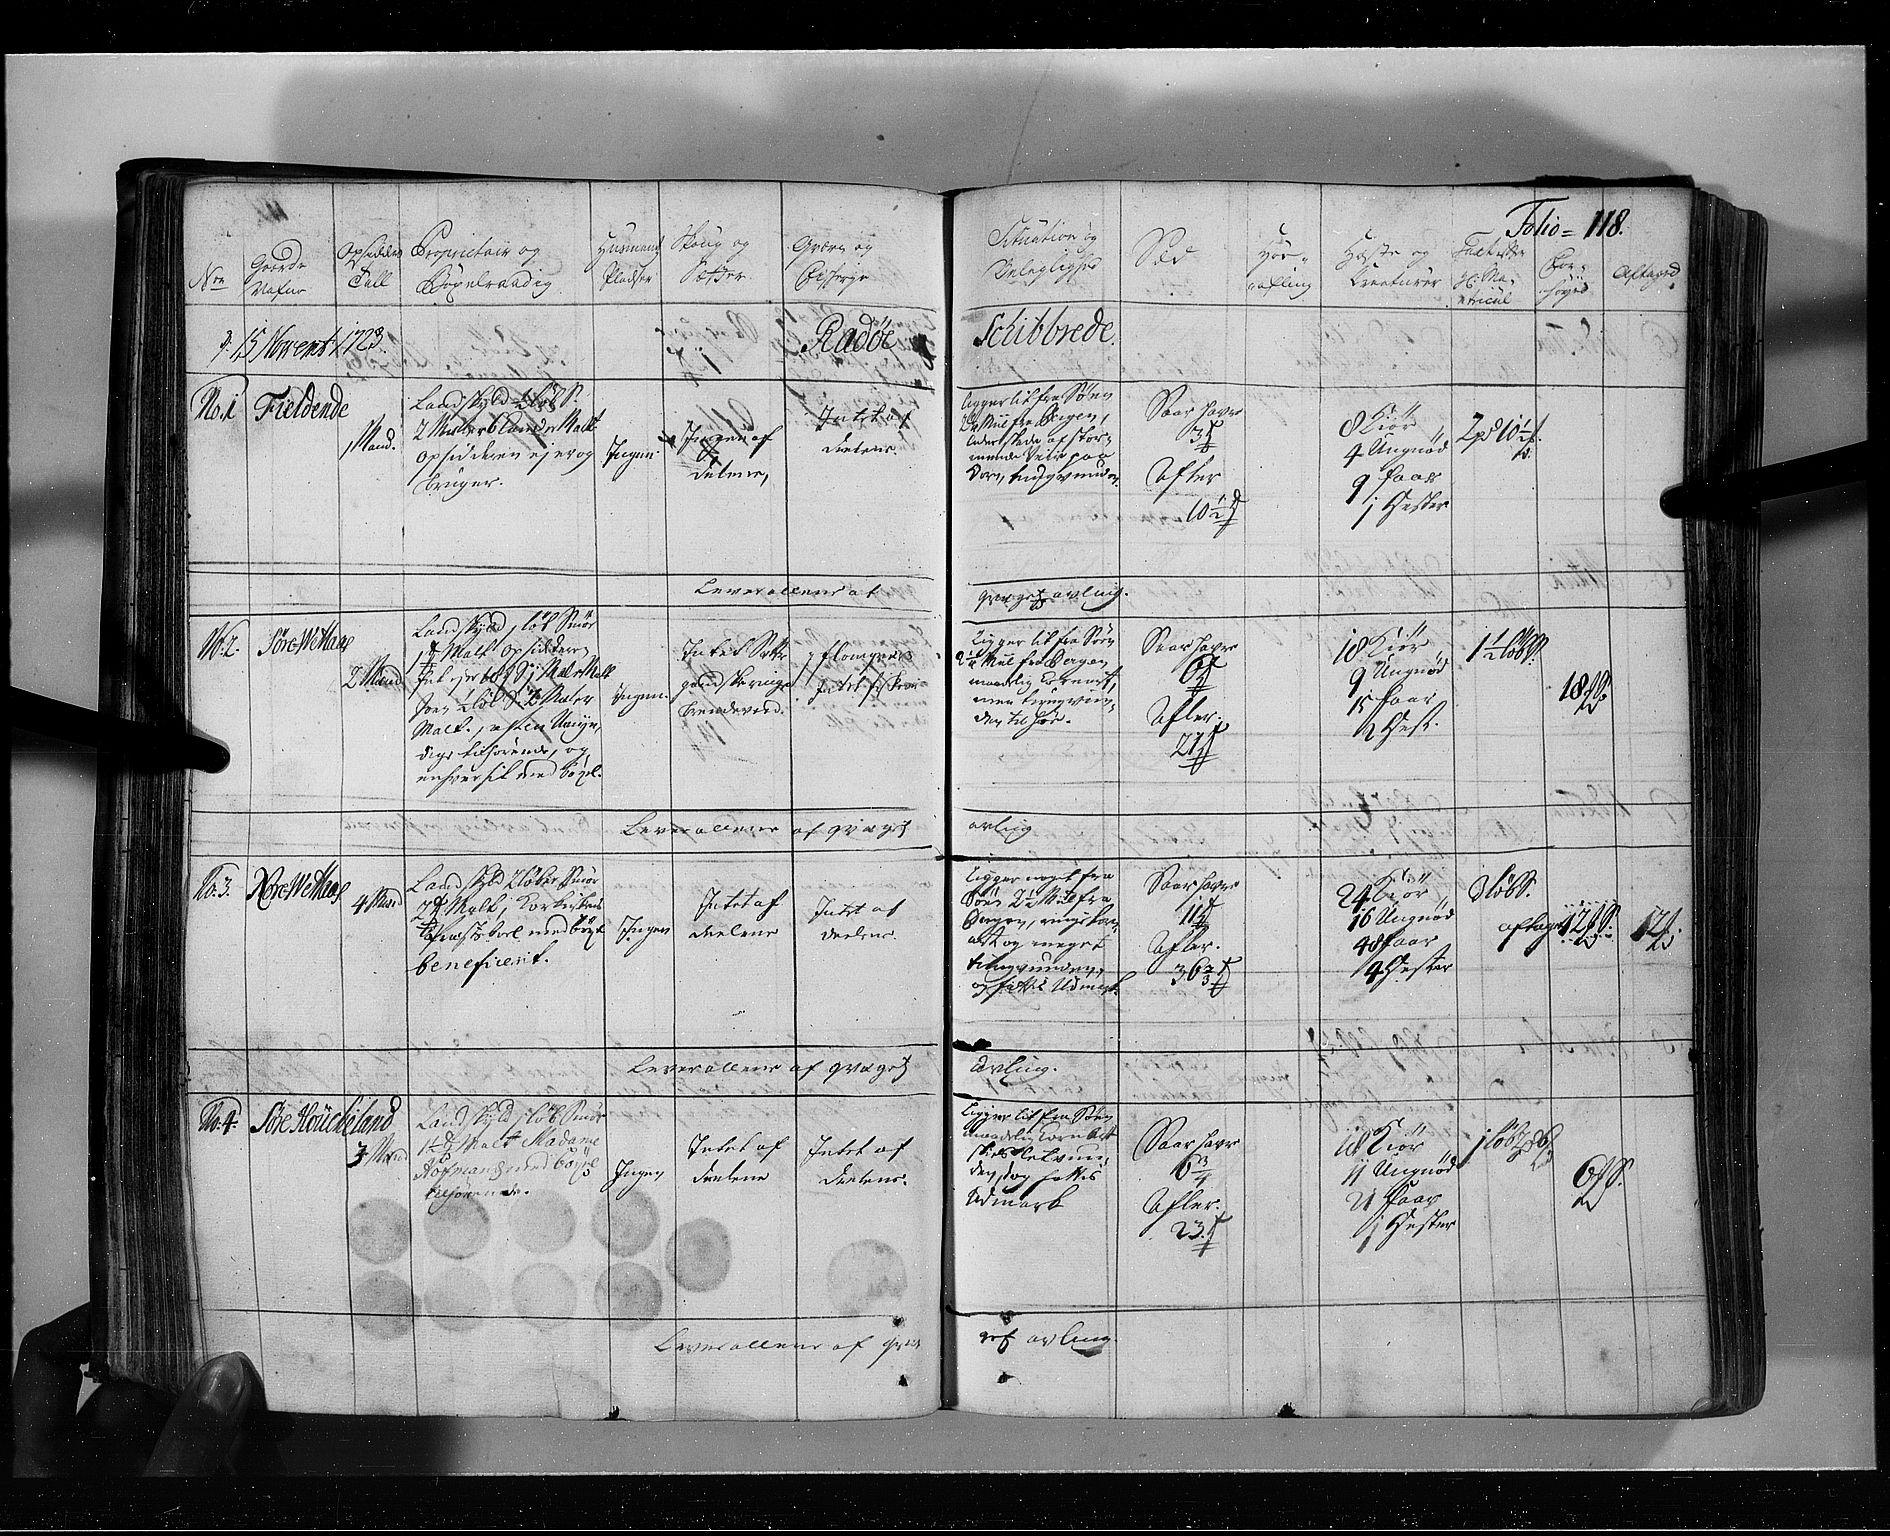 RA, Rentekammeret inntil 1814, Realistisk ordnet avdeling, N/Nb/Nbf/L0139: Nordhordland eksaminasjonsprotokoll, 1723, s. 117b-118a